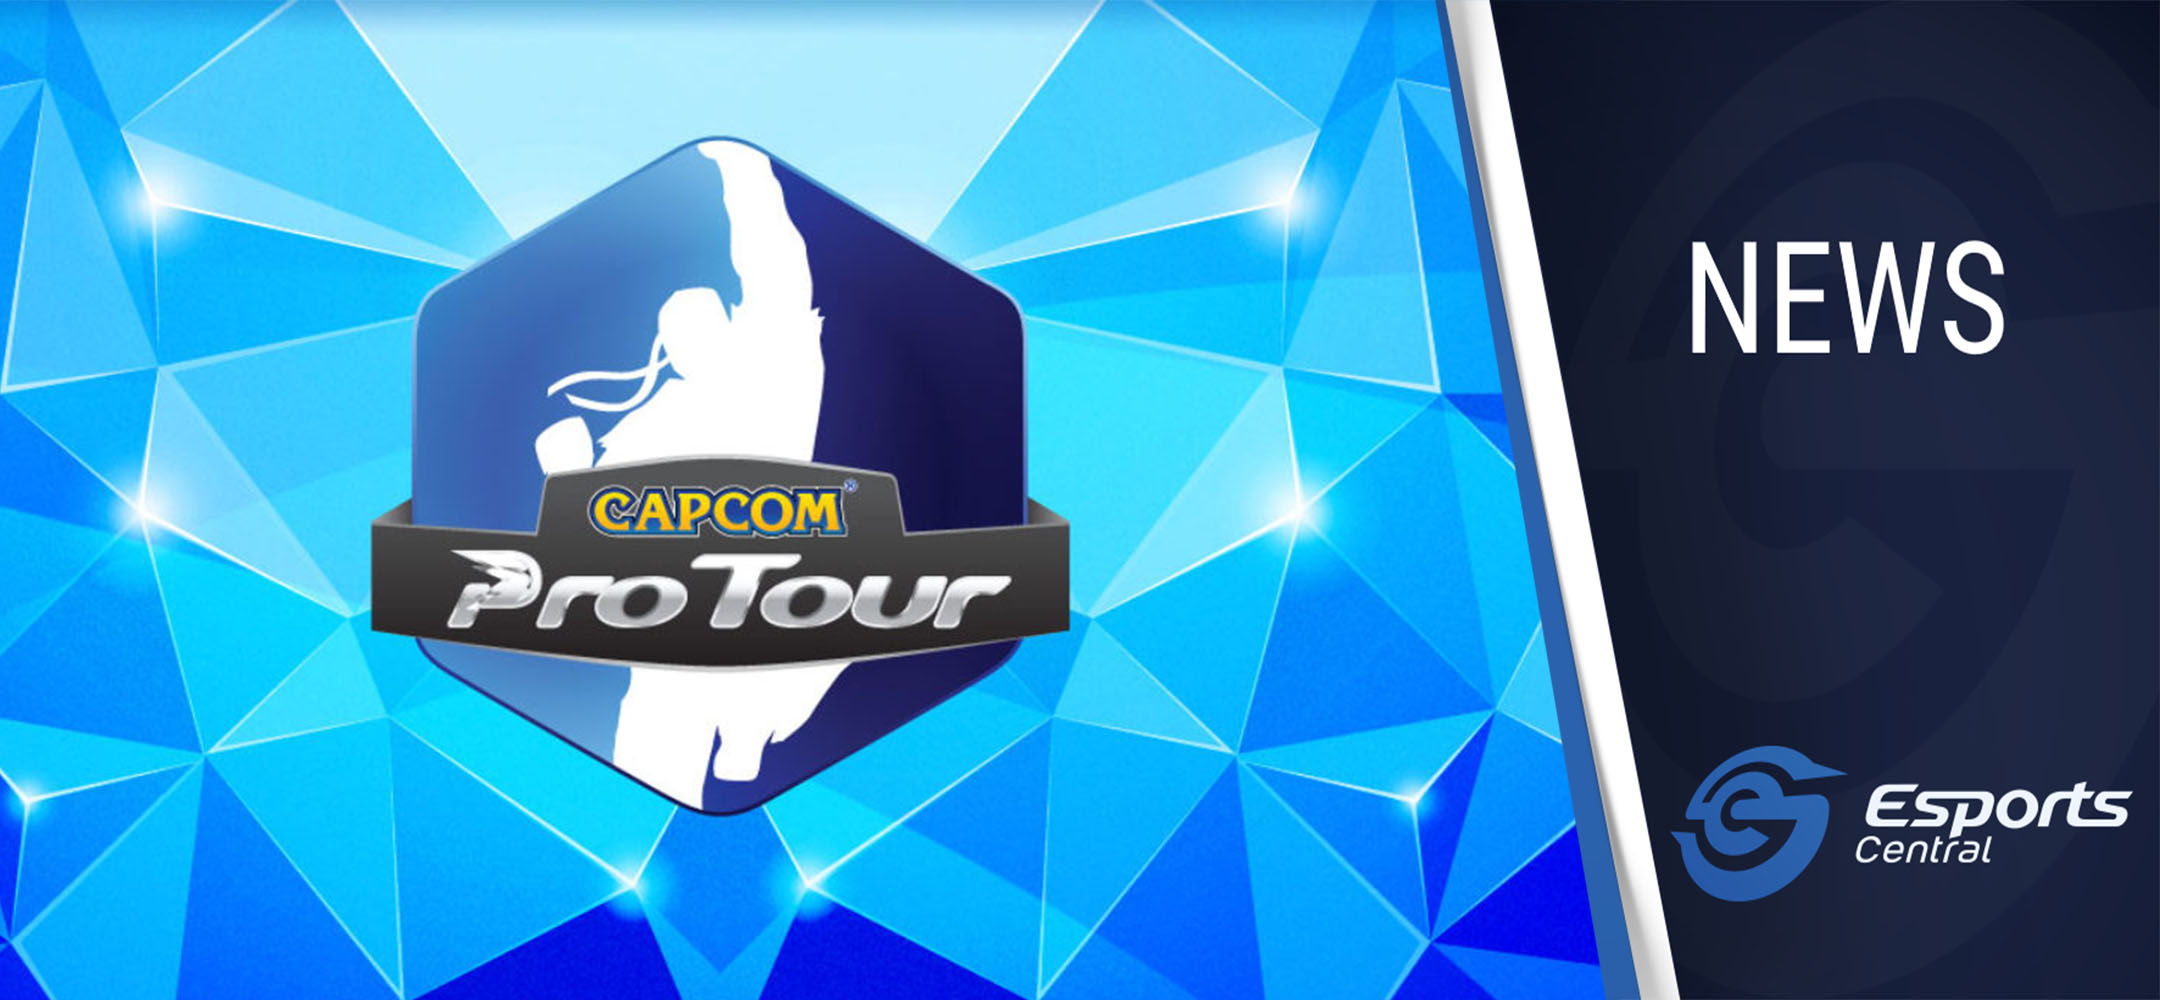 Capcom Pro Tour 2021